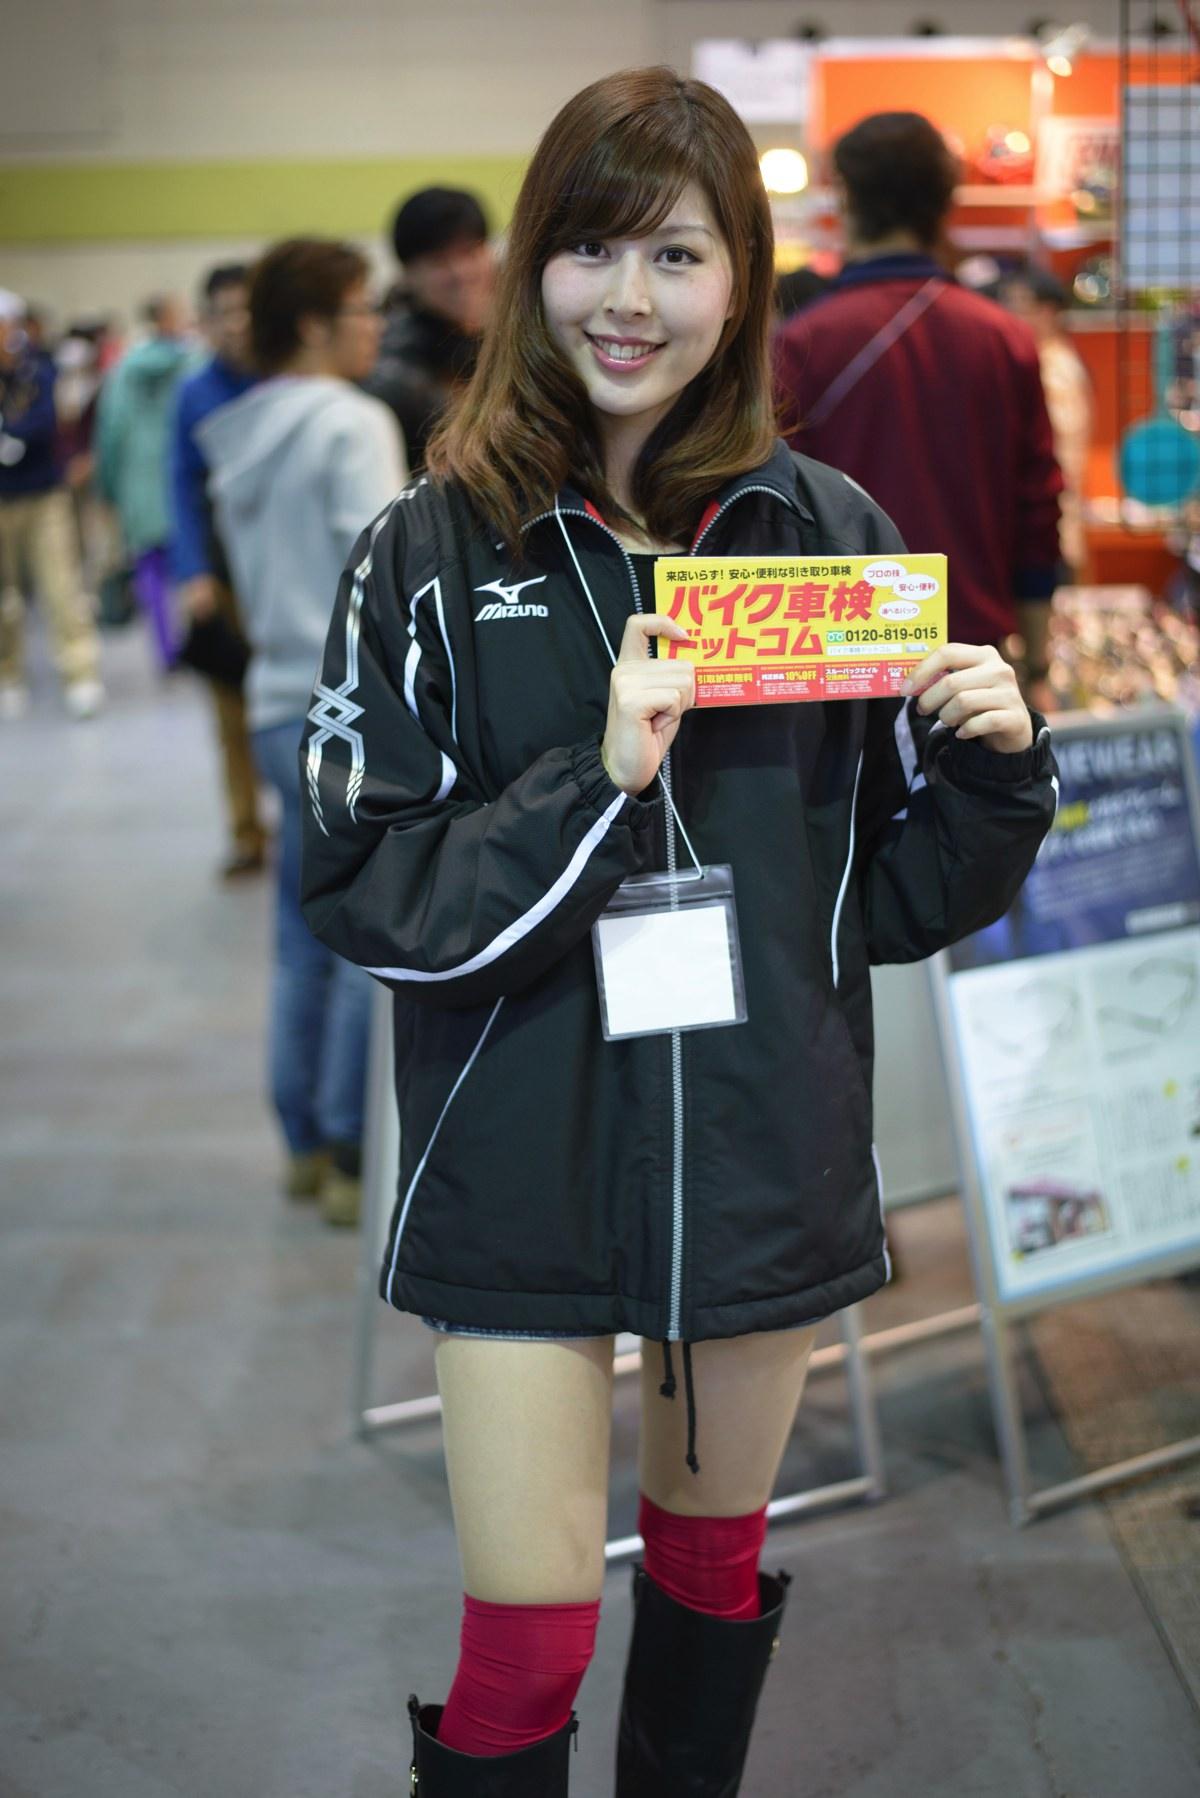 大阪モーターサイクルショー2014コンパニオン画像24